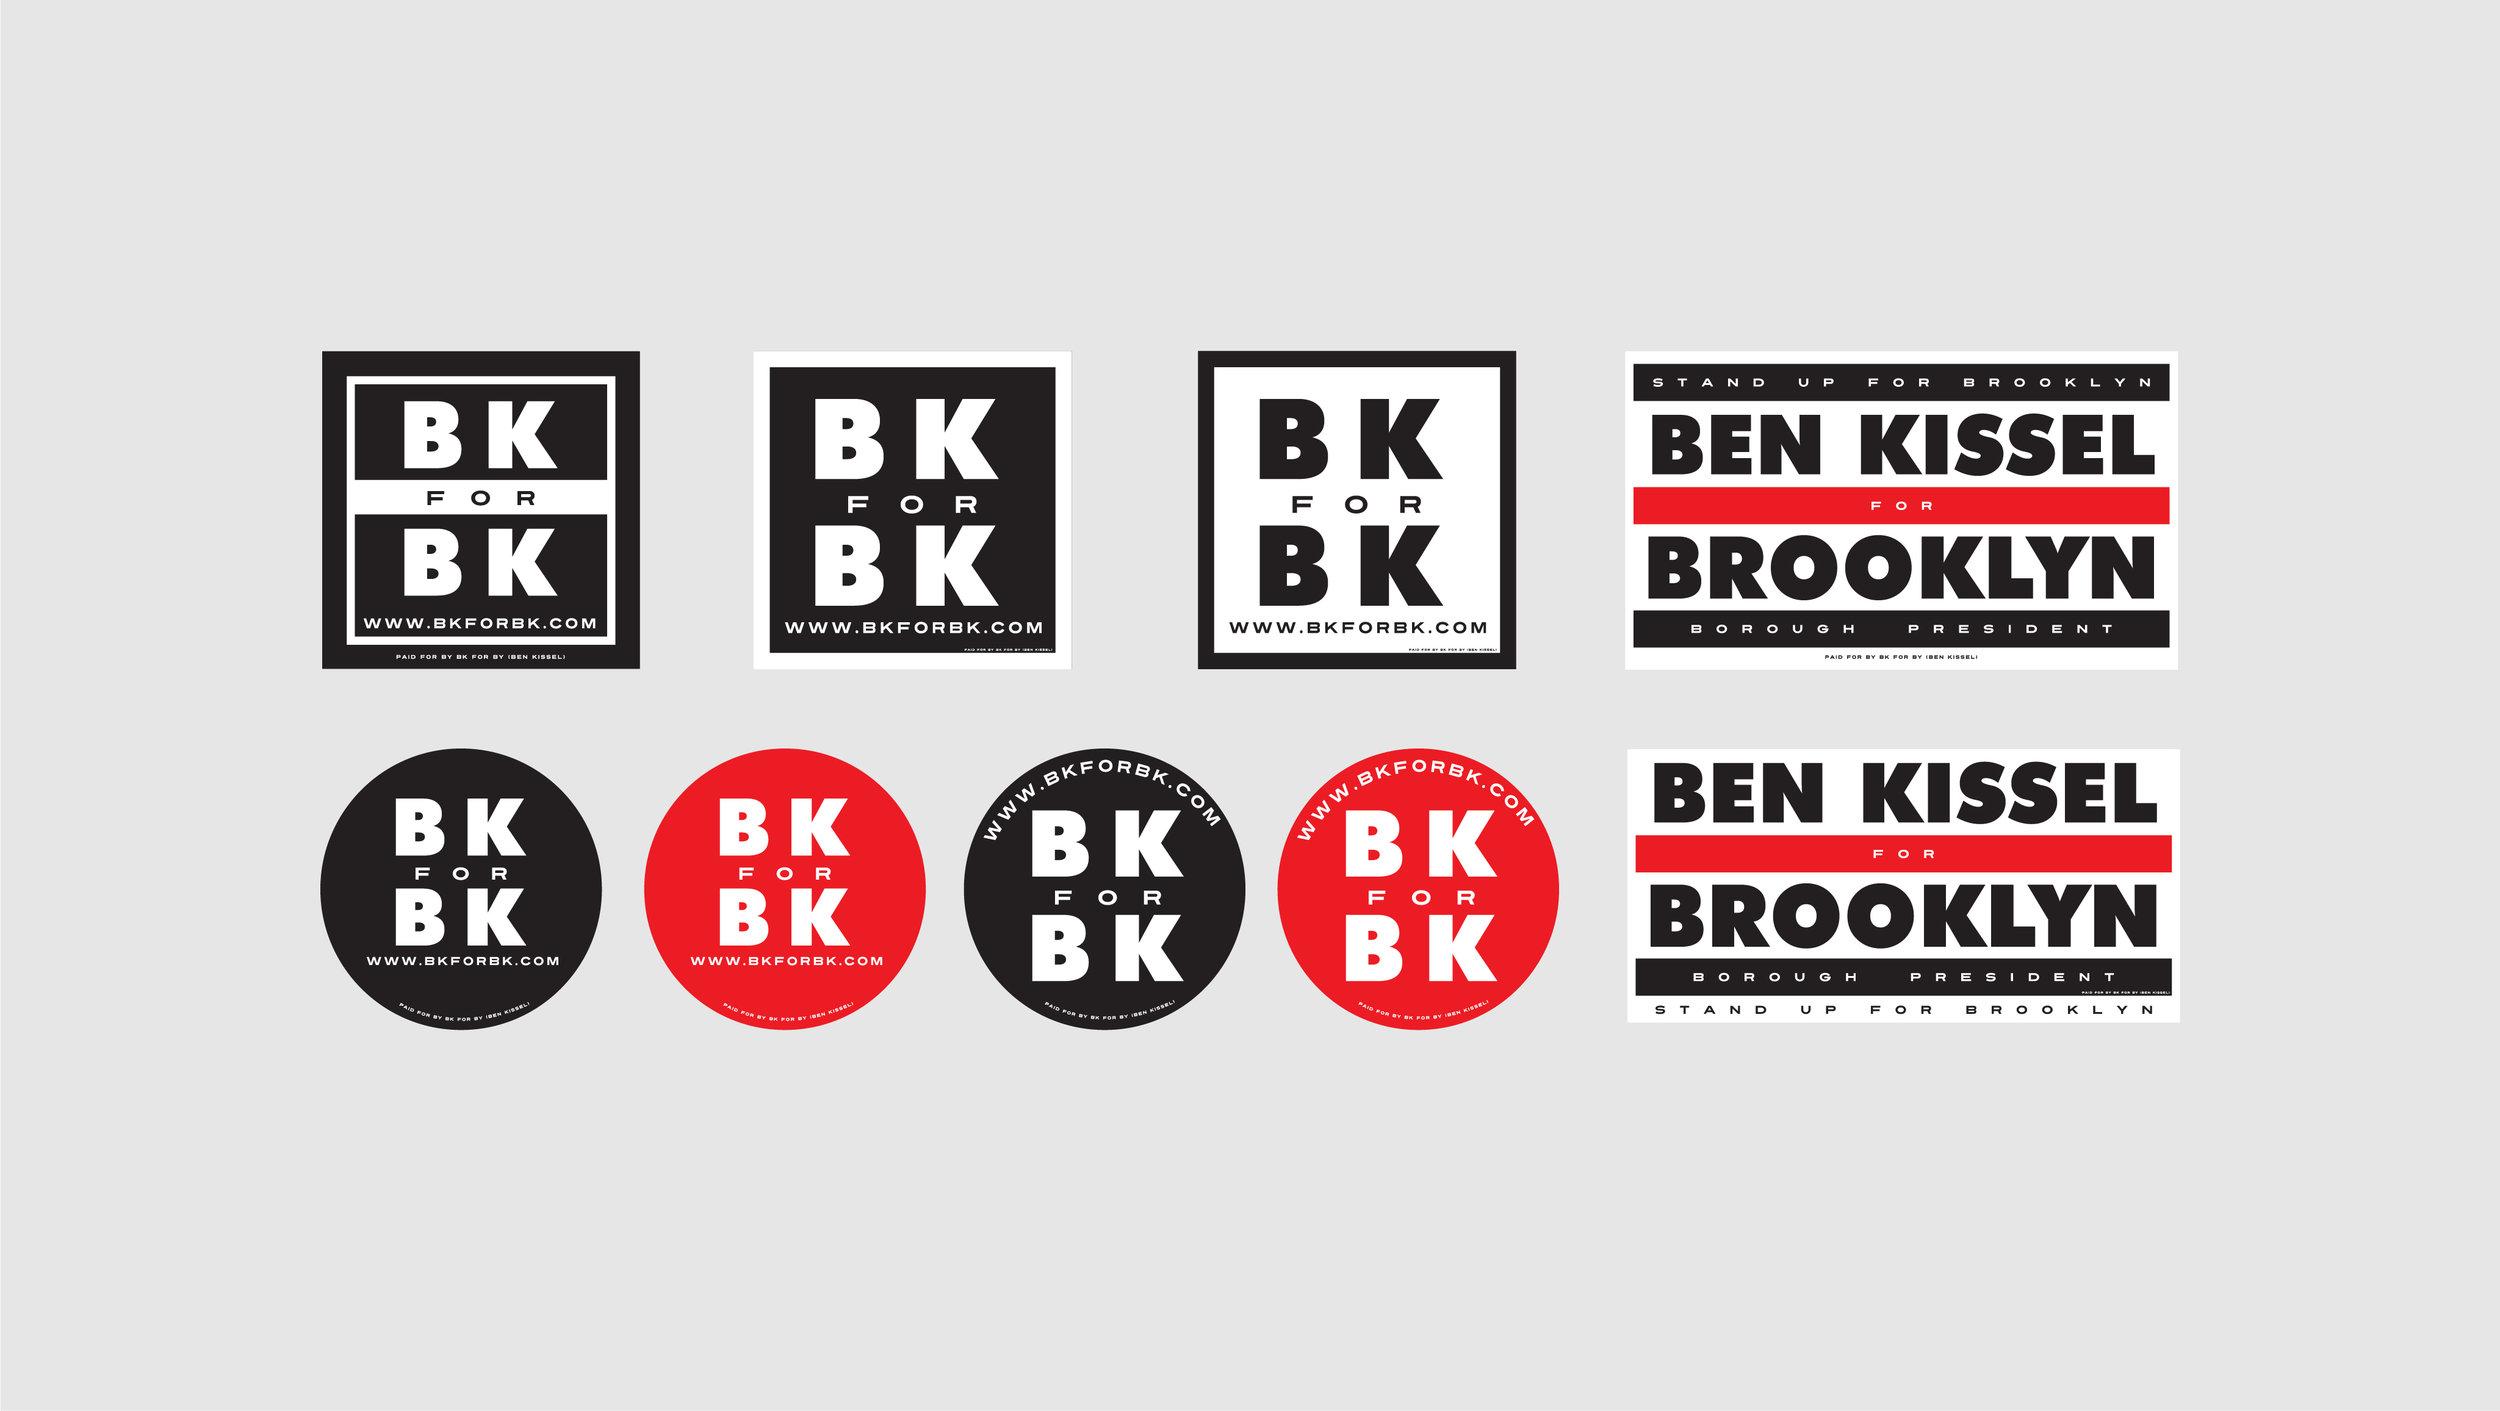 bkbk1.jpg